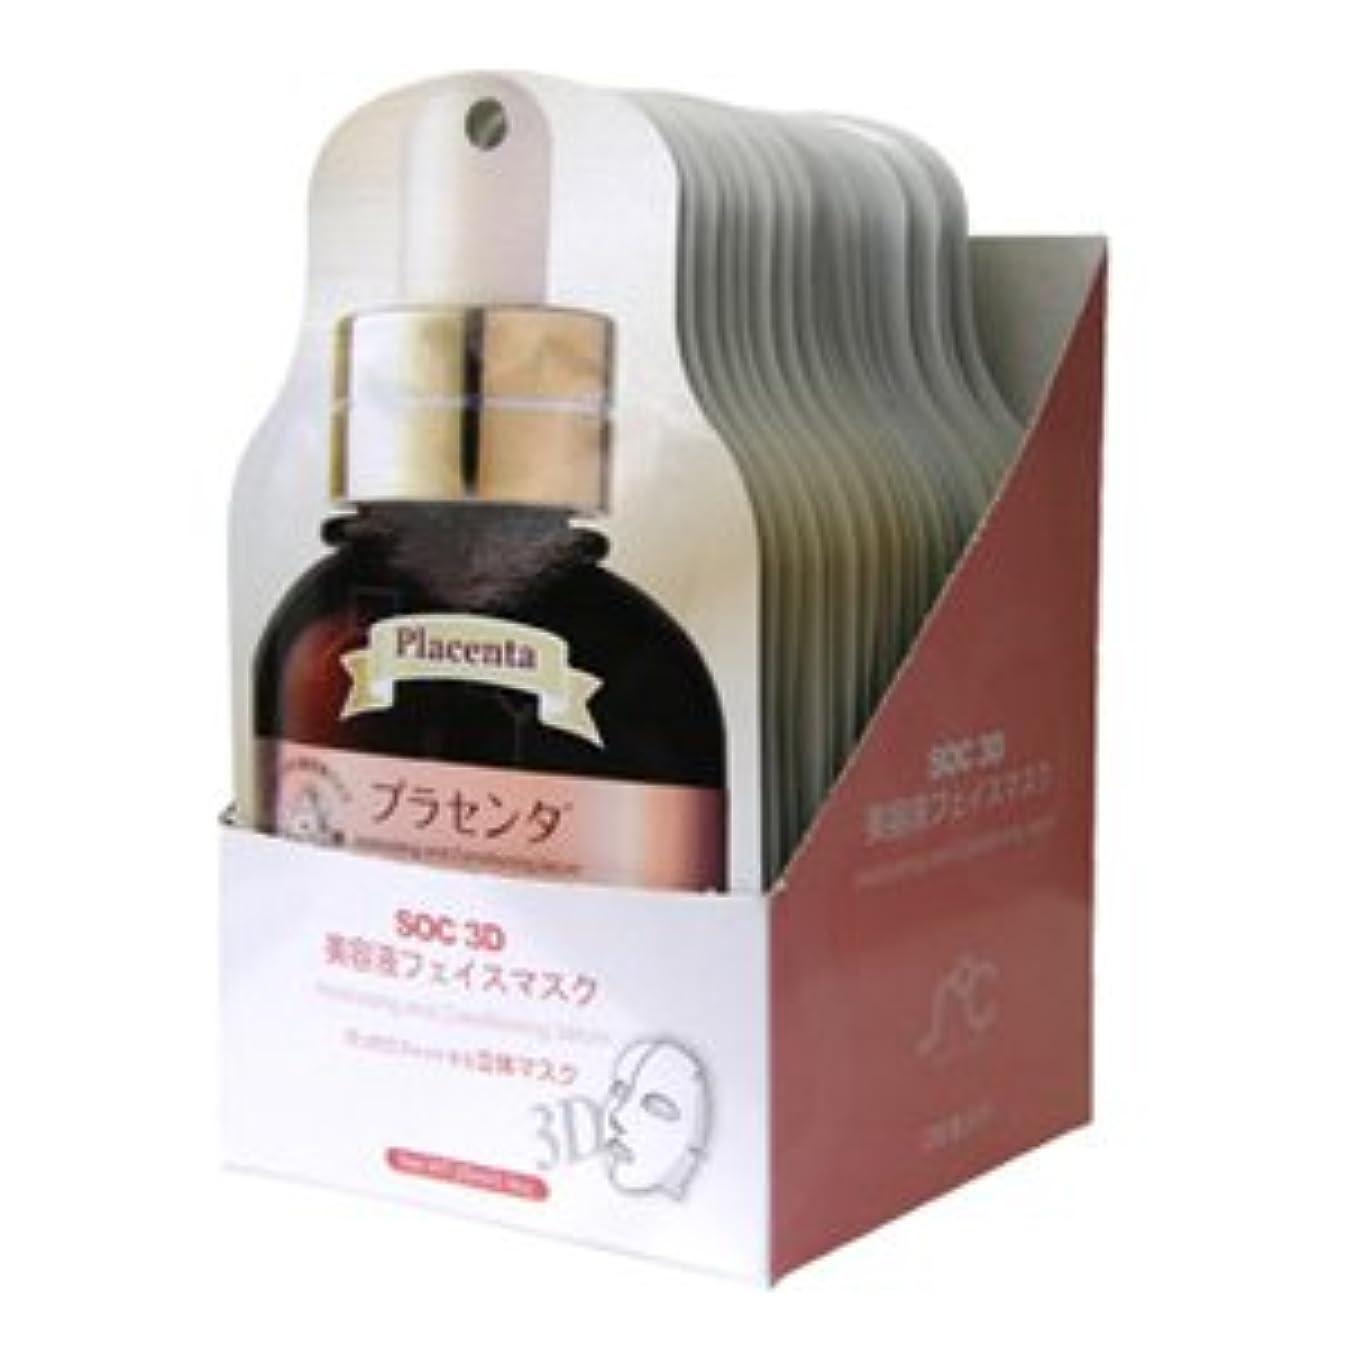 松の木寄生虫感謝SOC 3D美容液フェイスマスク 20個セット(プラセンタ)